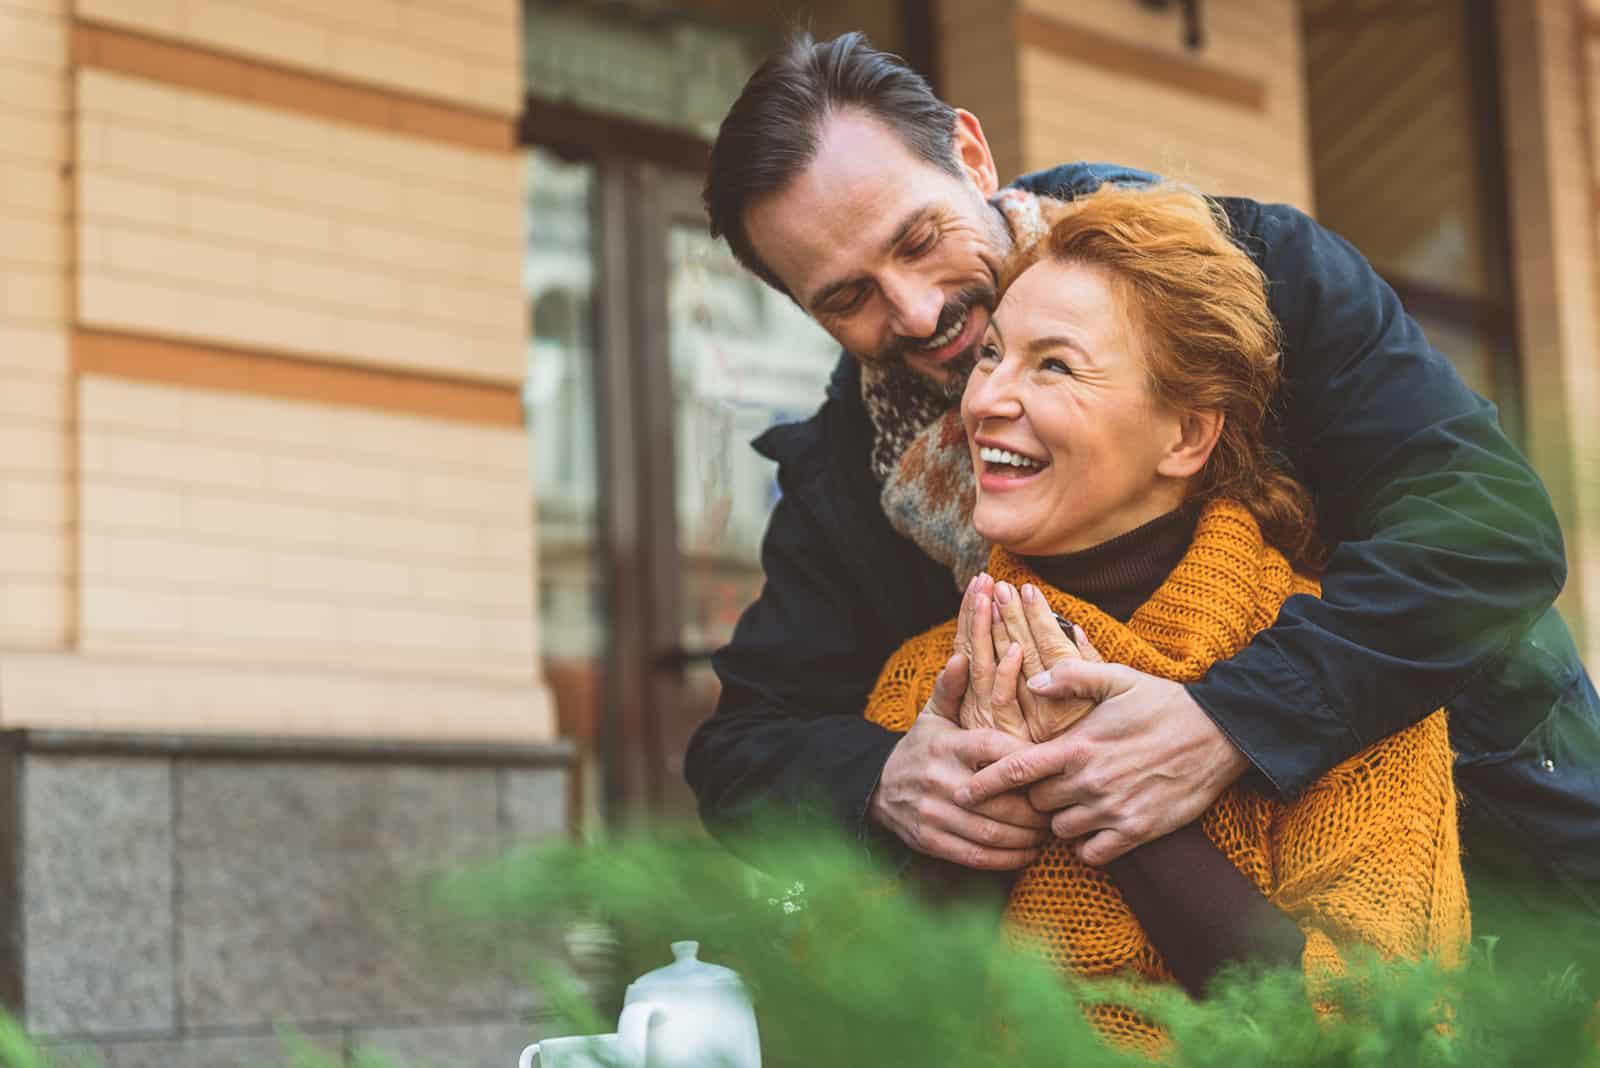 Ein bärtiger Mann umarmt eine lächelnde Frau von hinten